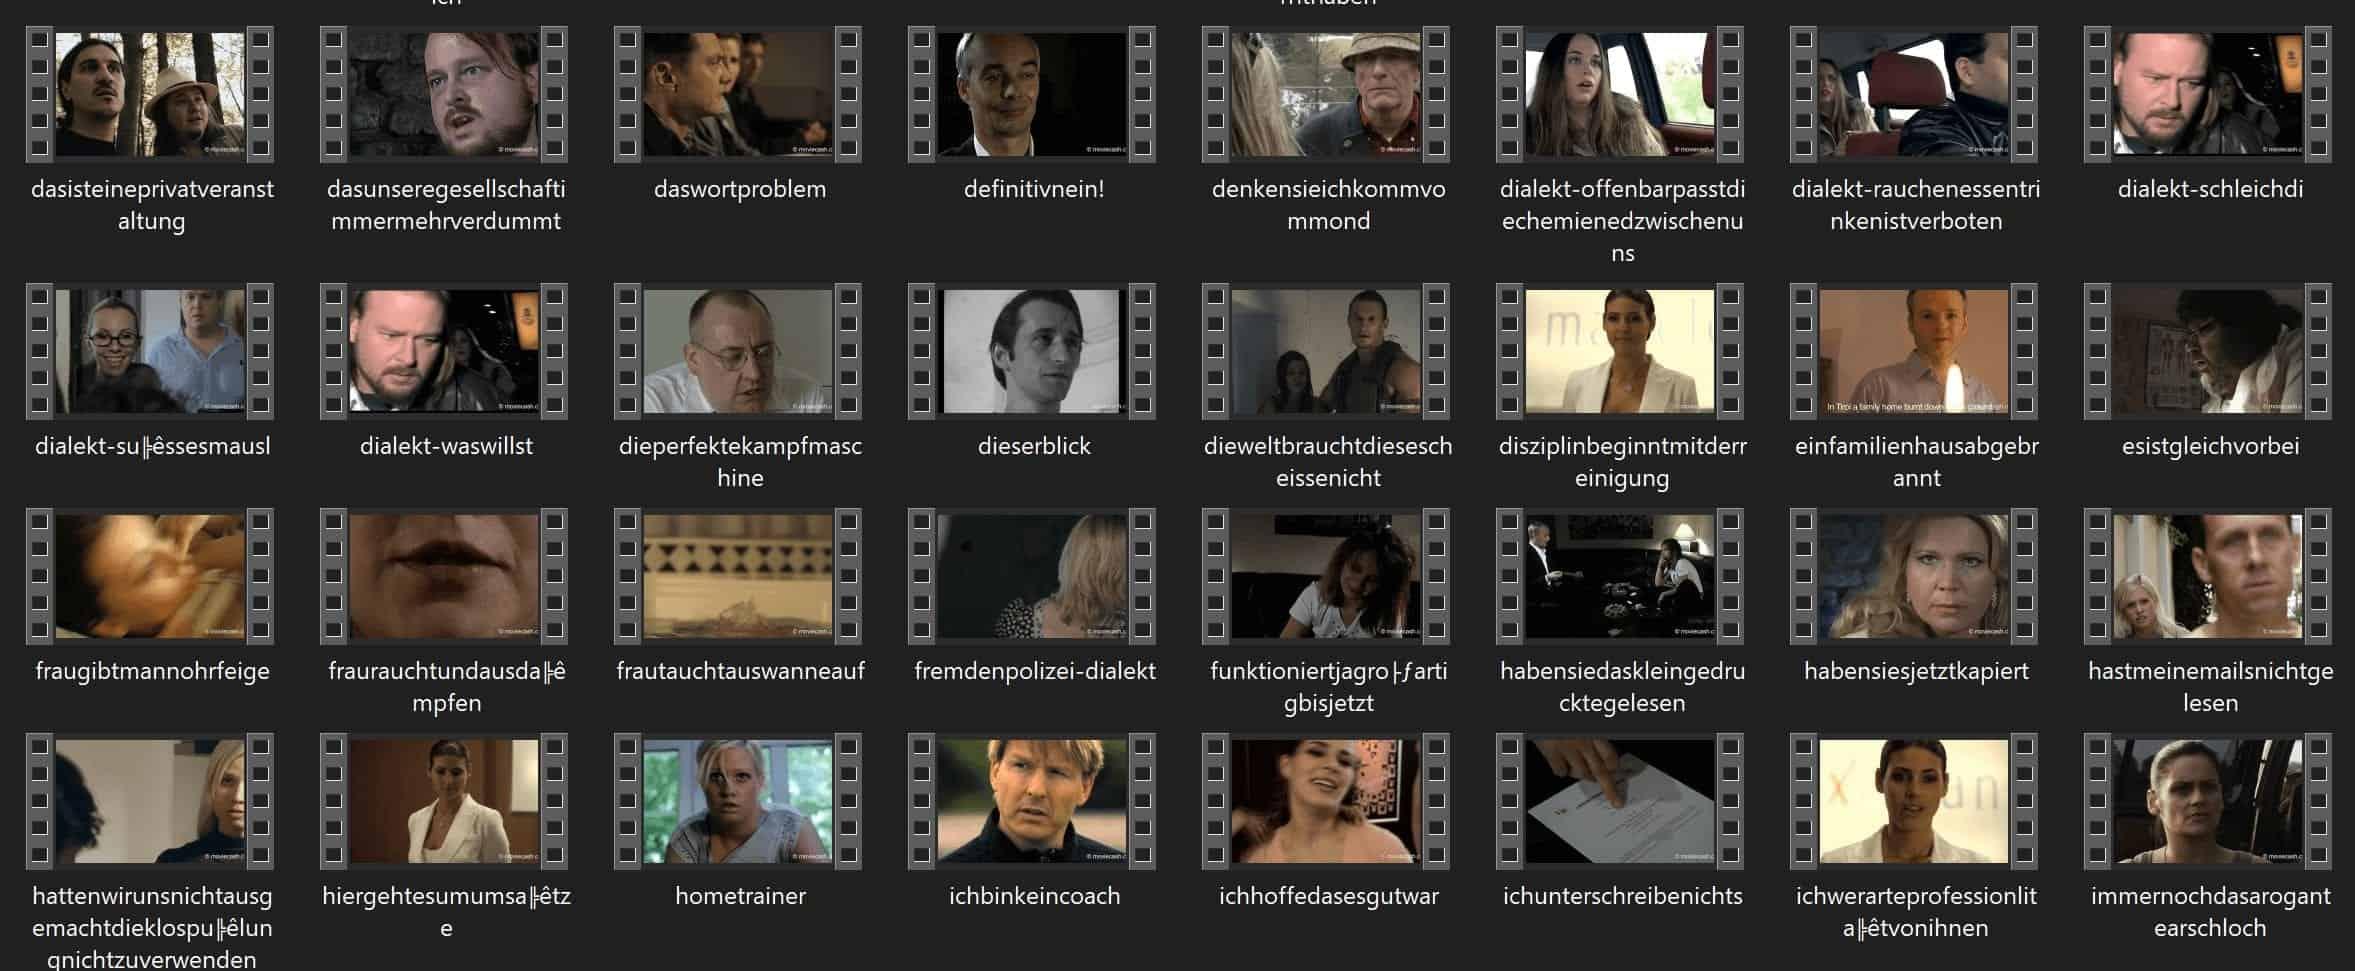 Moviecash Filmausschnitte Ordner